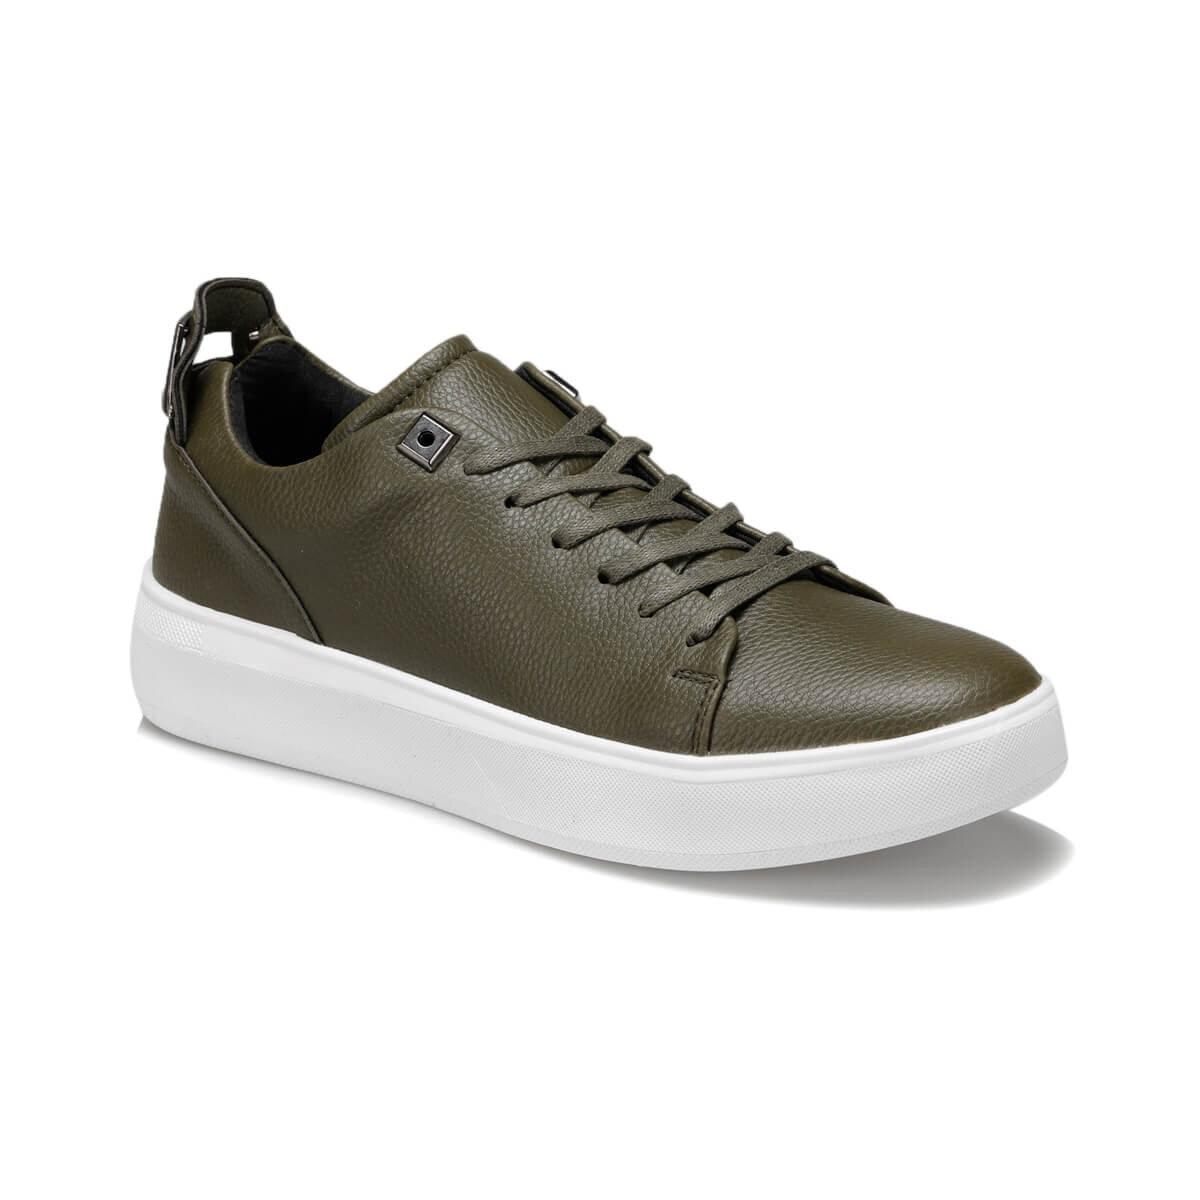 FLO KRY-1 Khaki Men 'S Shoes Forester